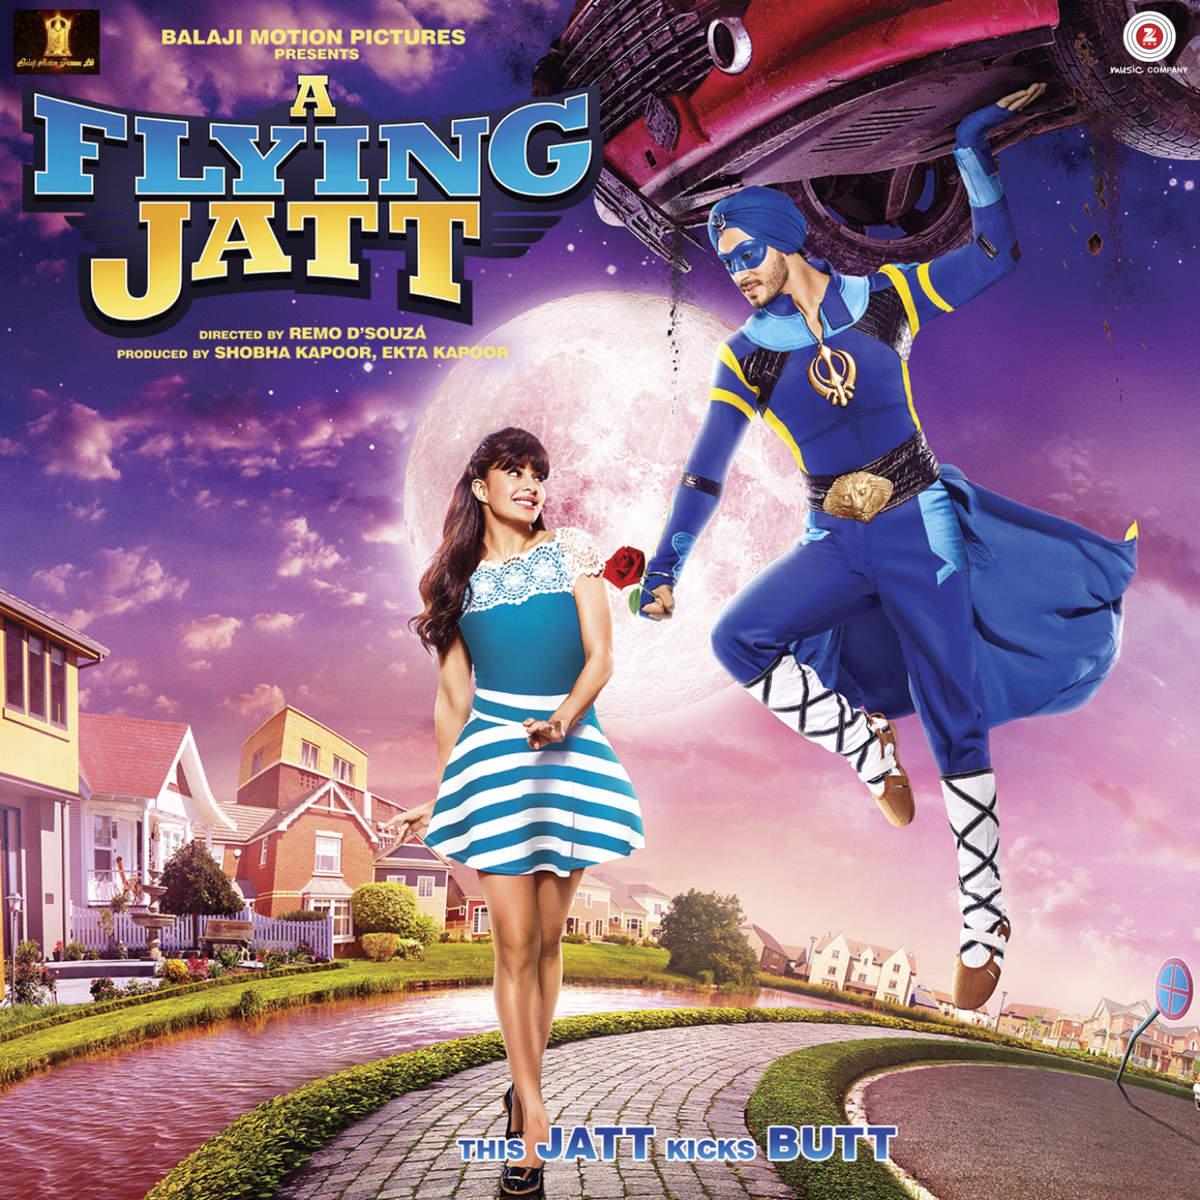 A Flying Jatt - Raftaar ,Mansheel Gujral